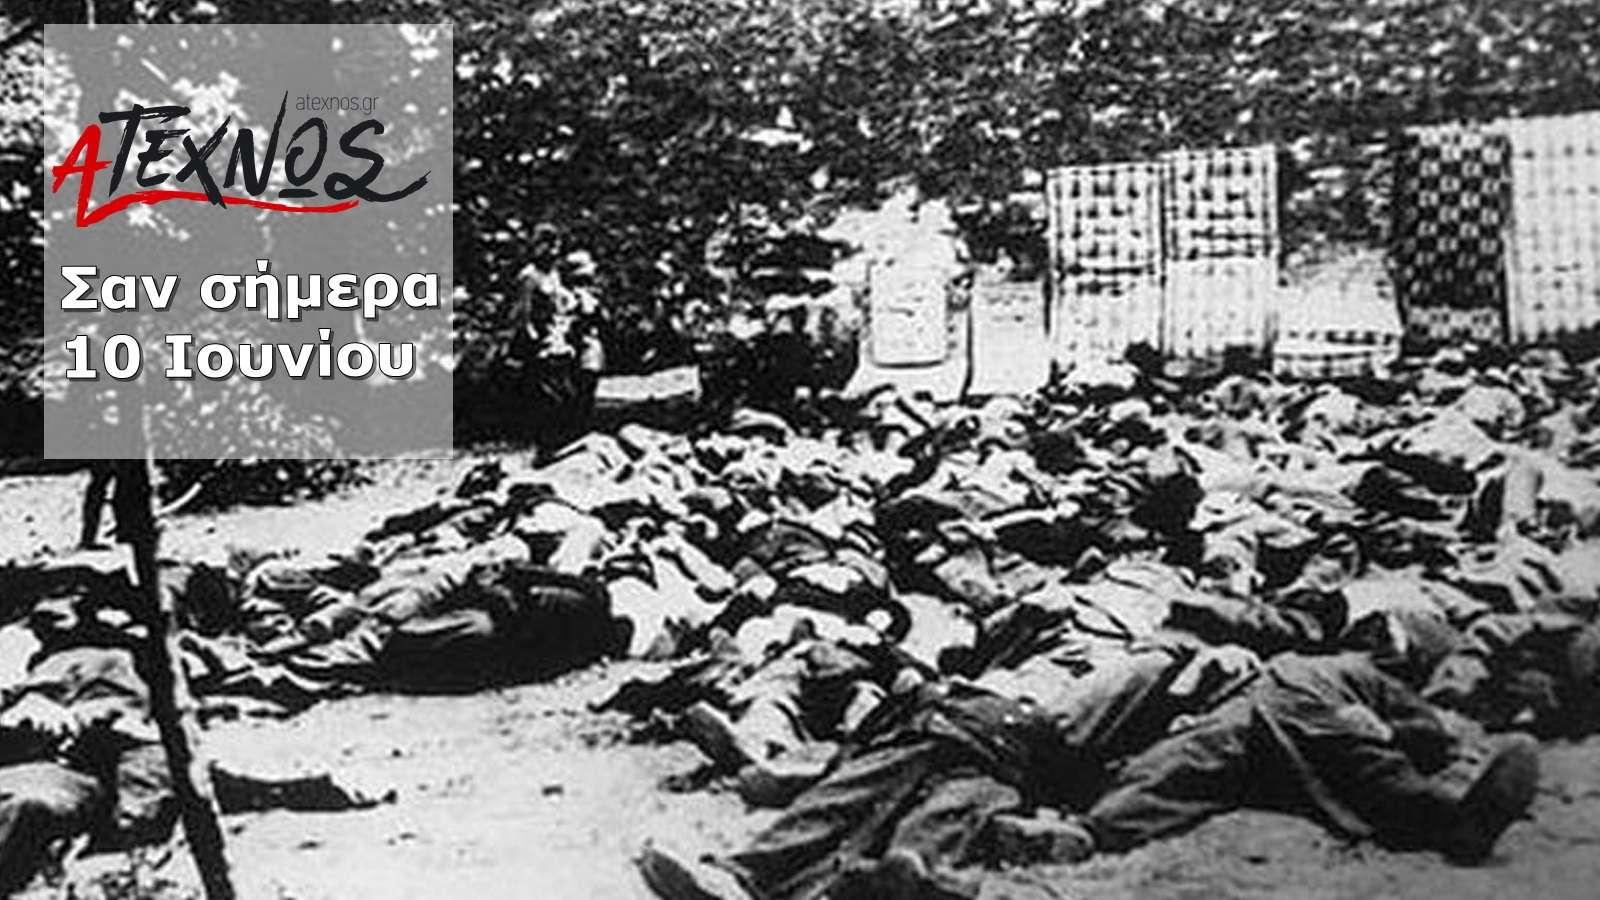 Σαν σήμερα10 Ιουνίου – Γεγονότα και πρόσωπα που έμειναν στην ιστορία και δεν πρέπει να ξεχάσουμε